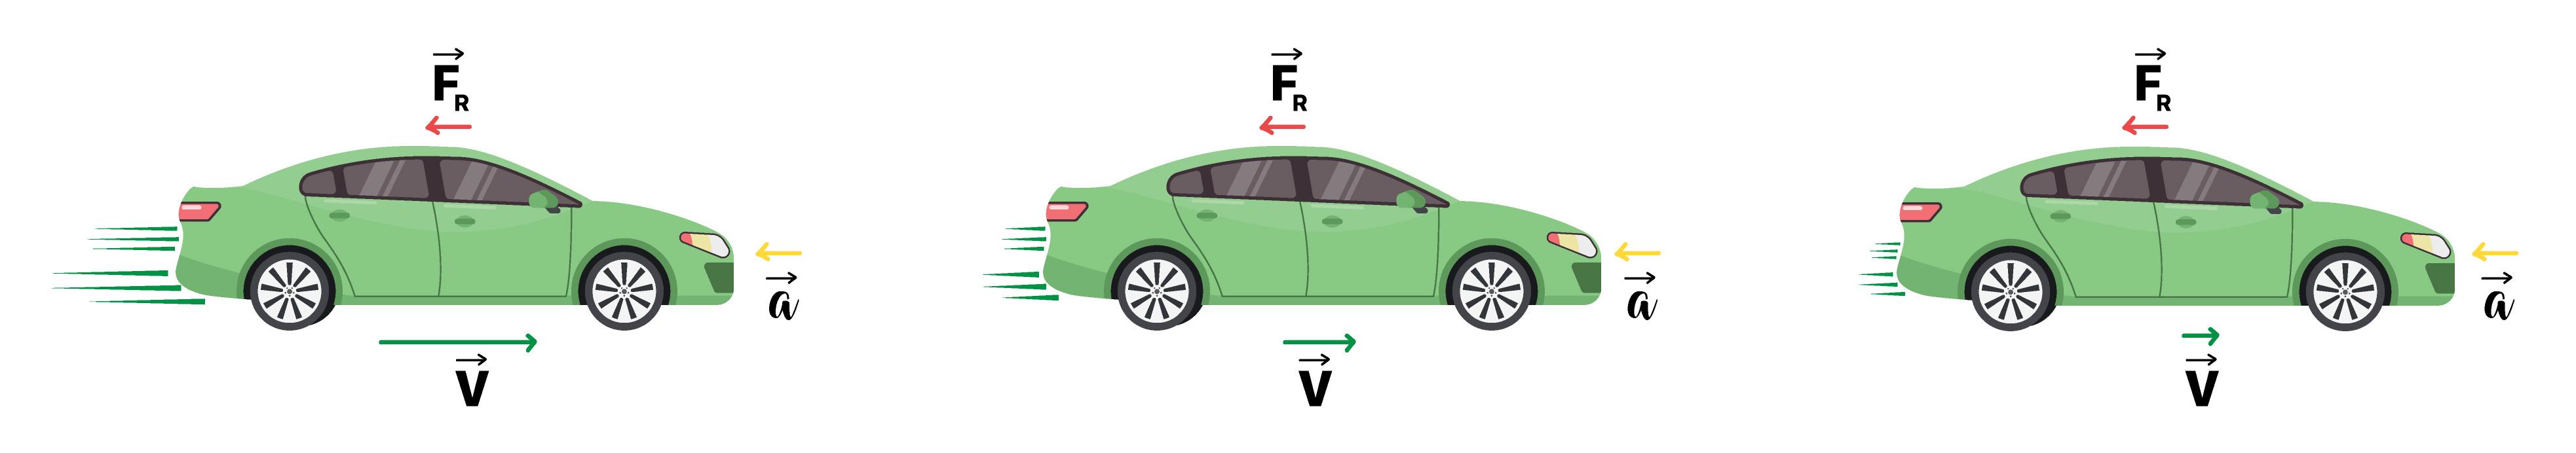 Carro freando e diminuindo a velocidade - Segunda Lei de Newton.